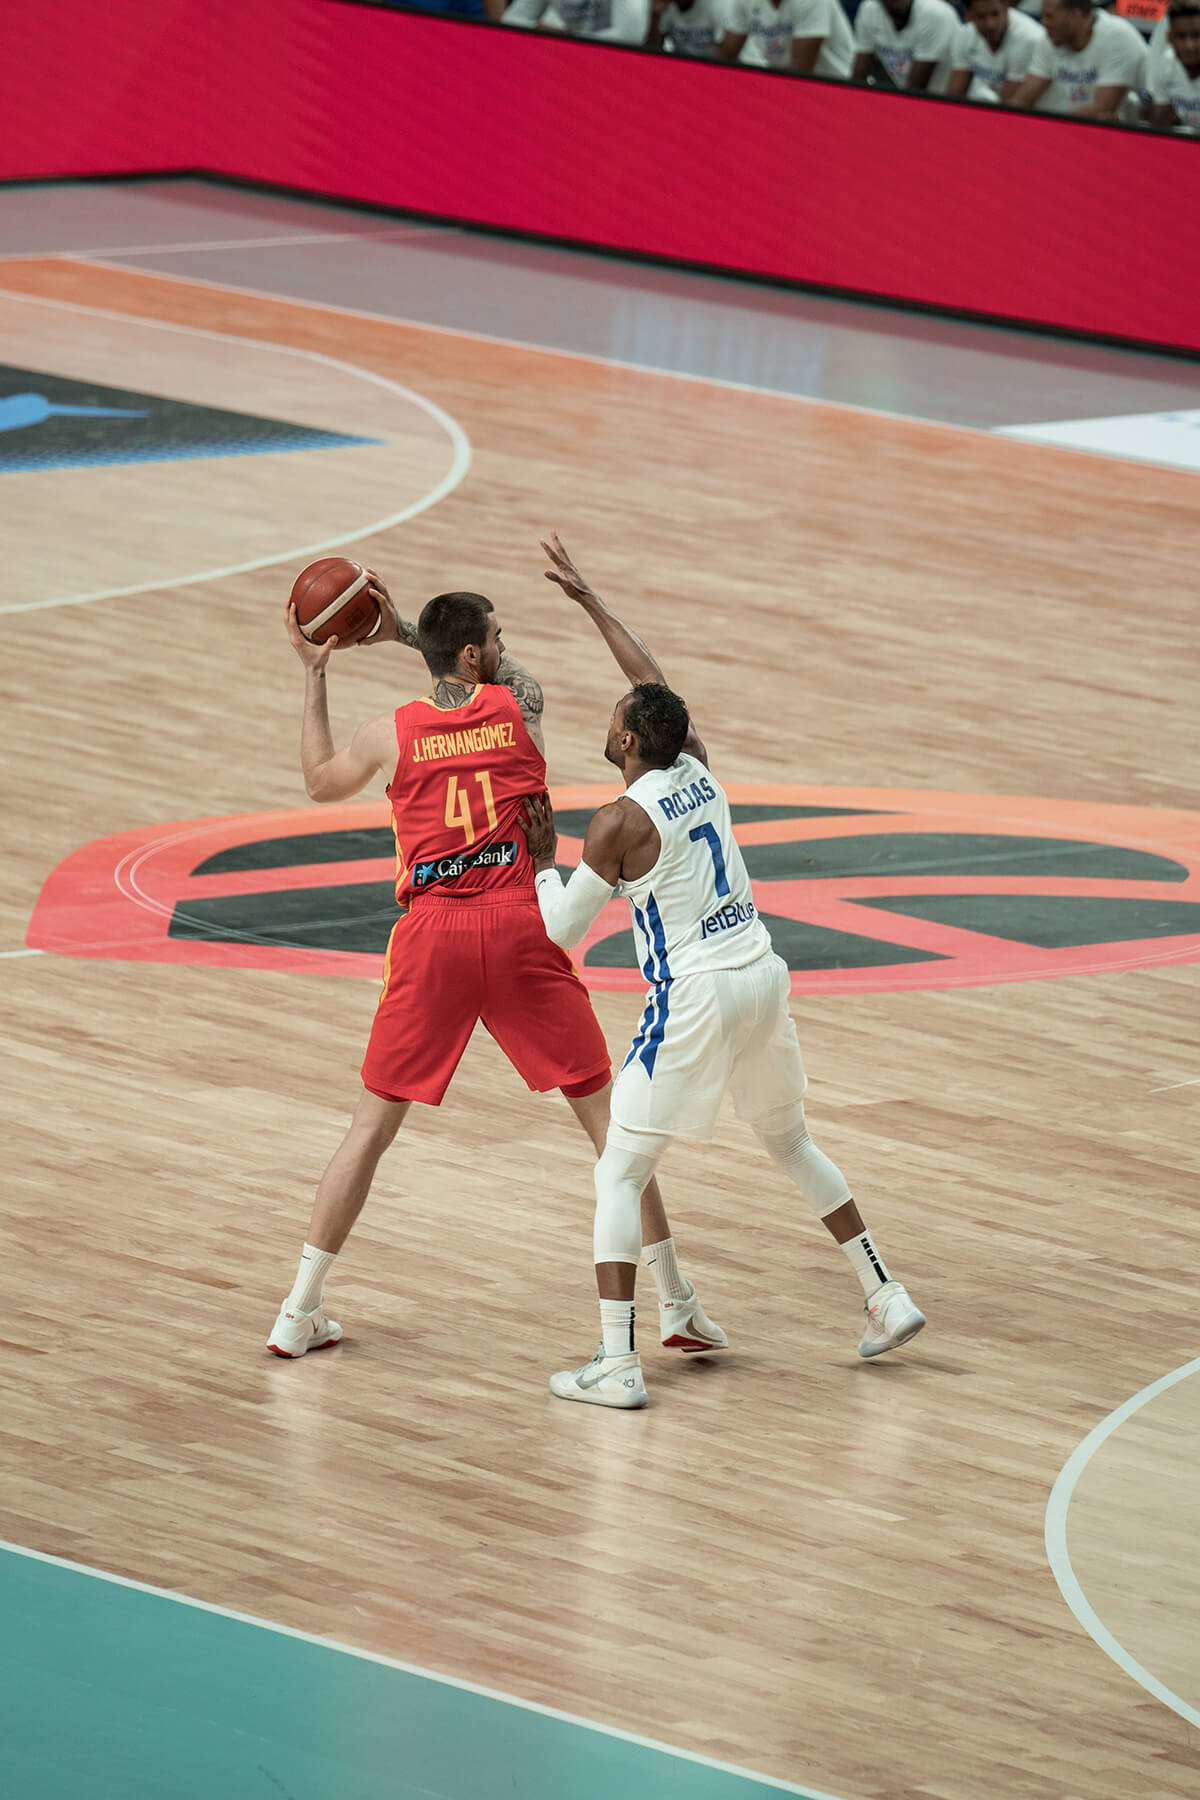 España vs RDC – Juancho Hernangómez